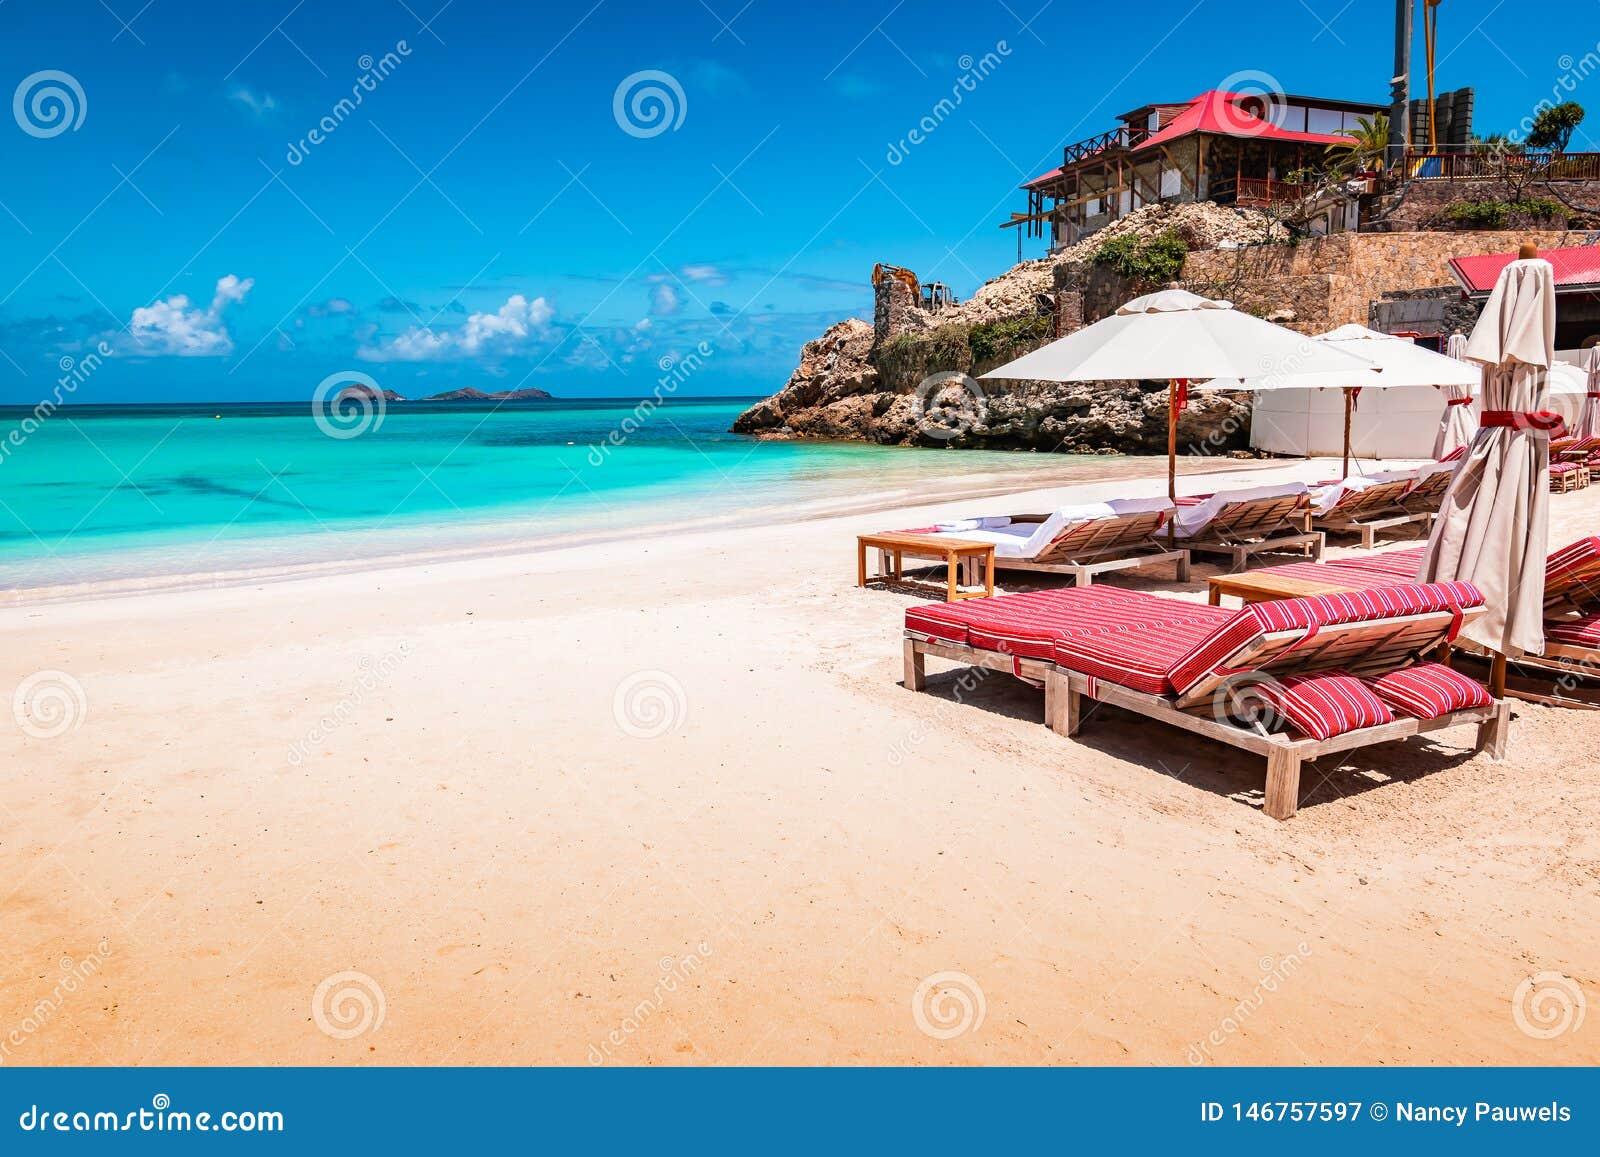 Lyxiga strandstolar och paraply på den exotiska stranden i St Barths, karibisk ö